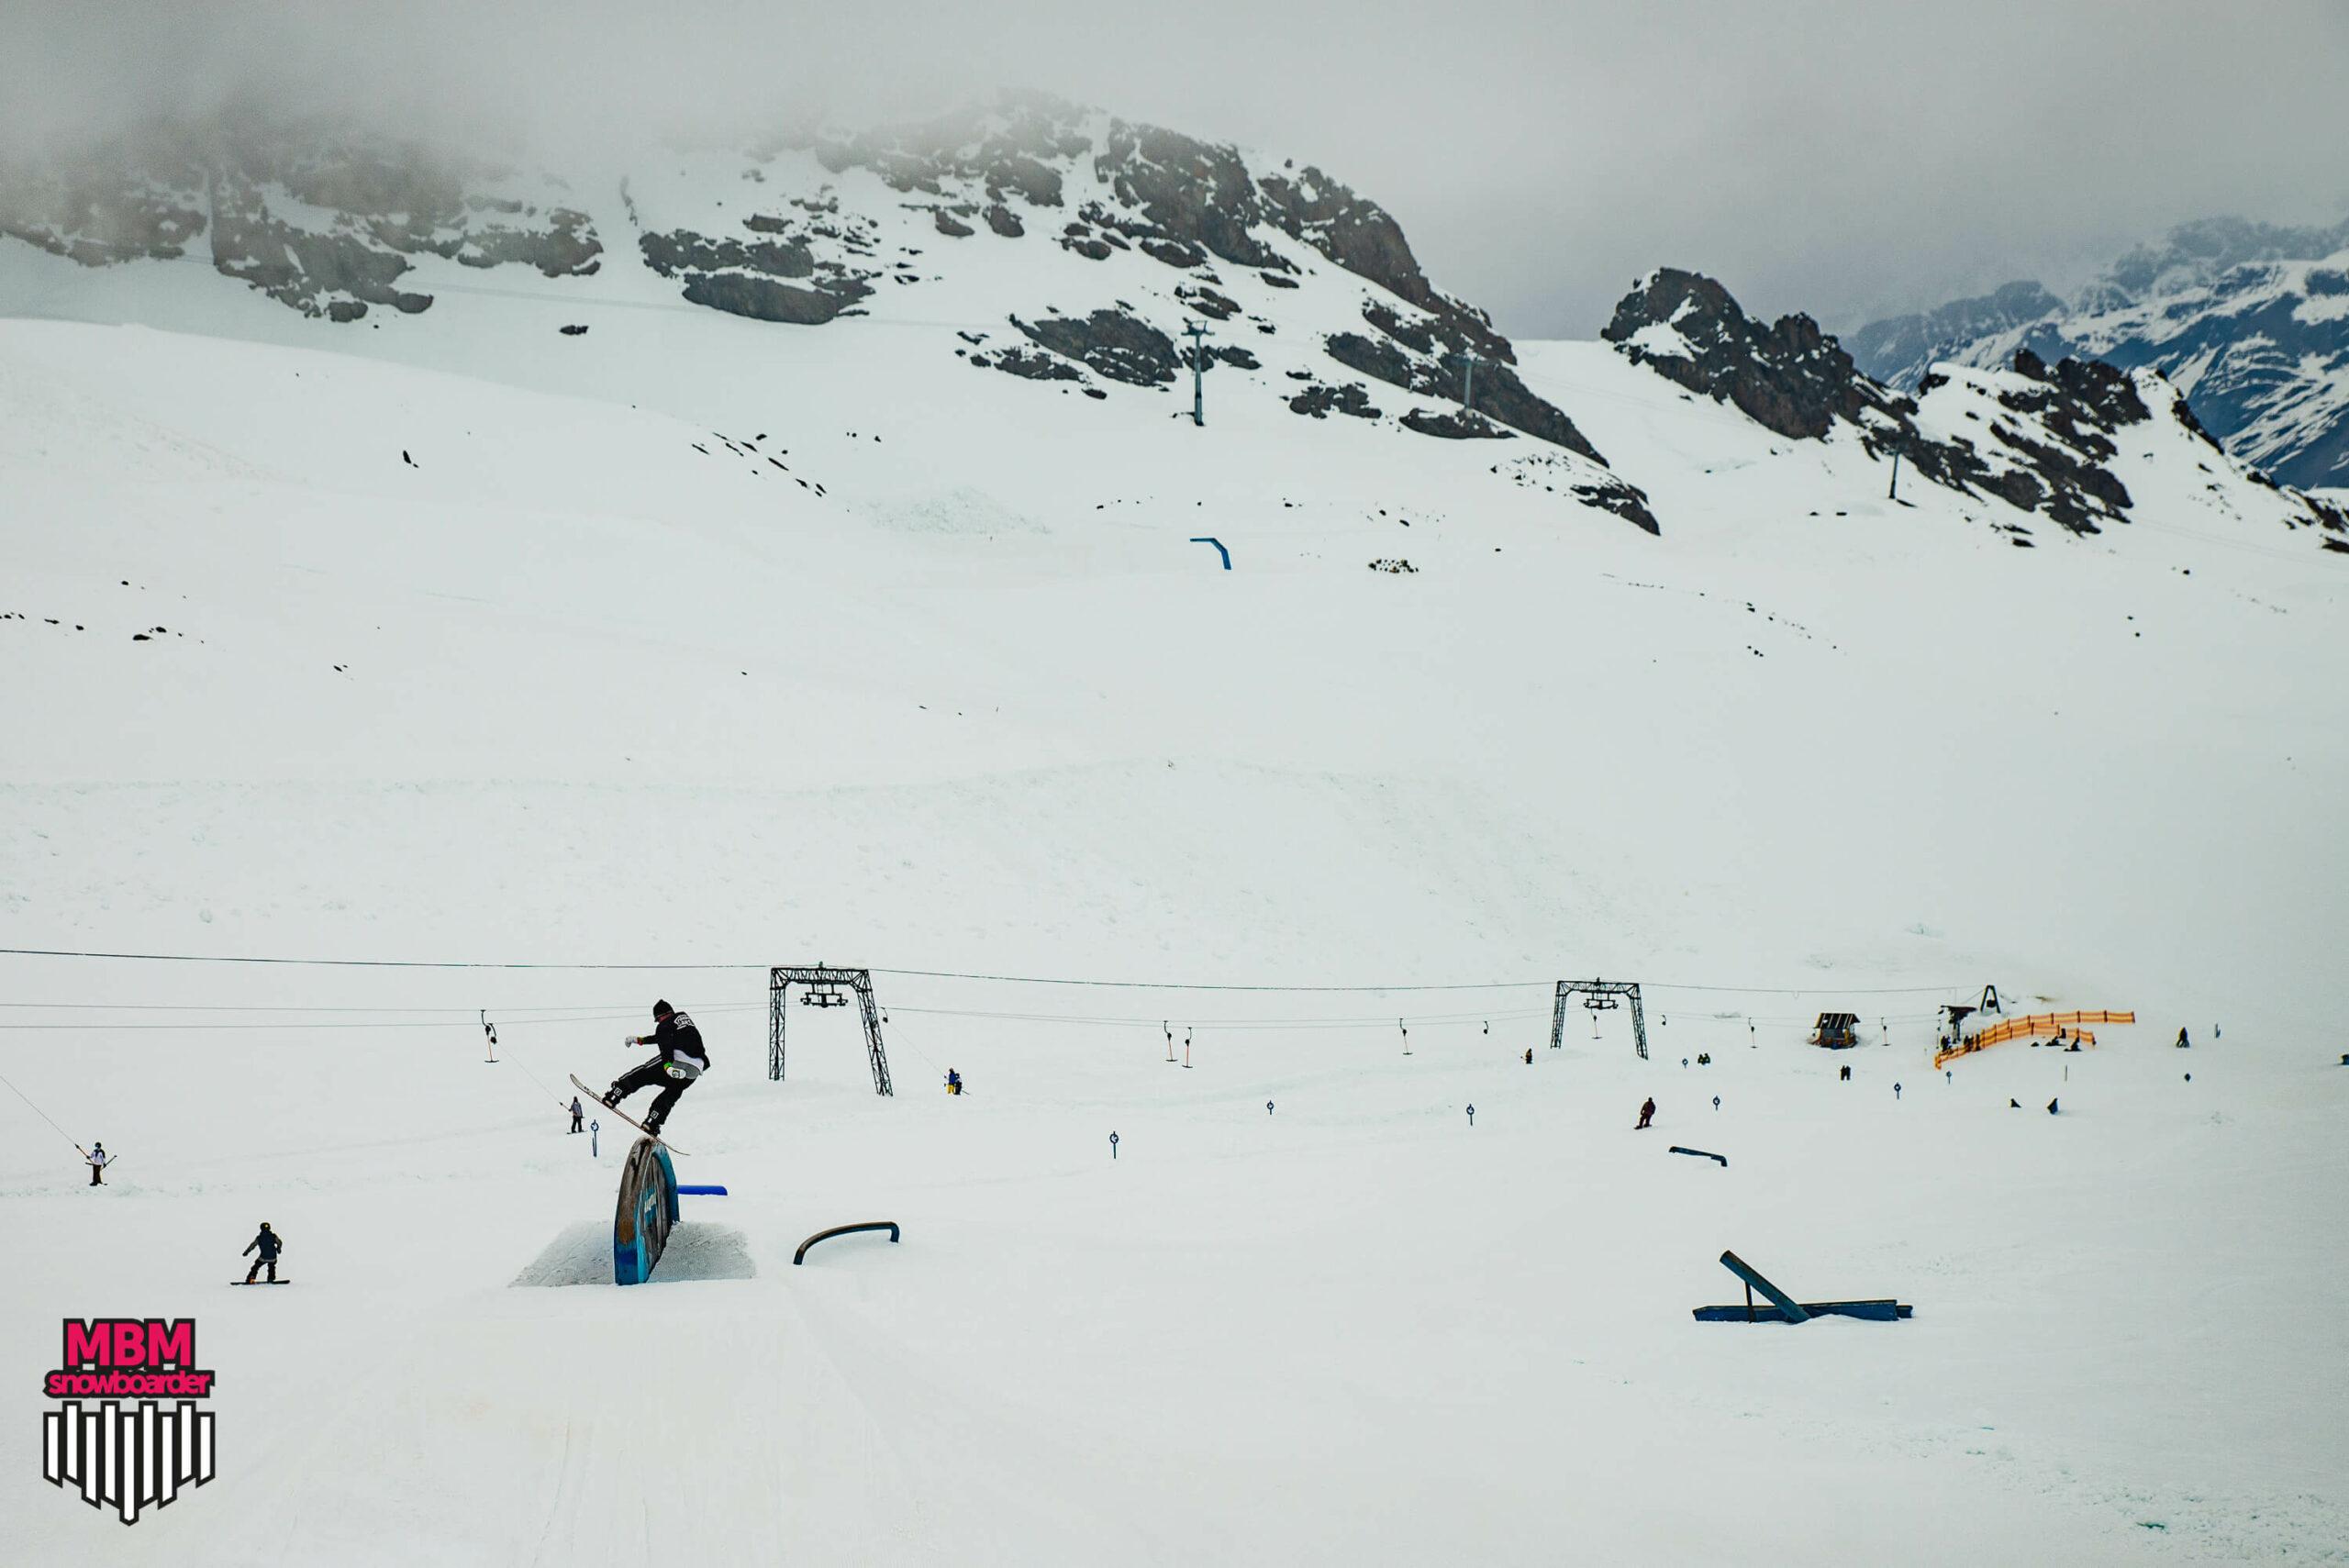 snowboarderMBM_sd_kaunertal_080